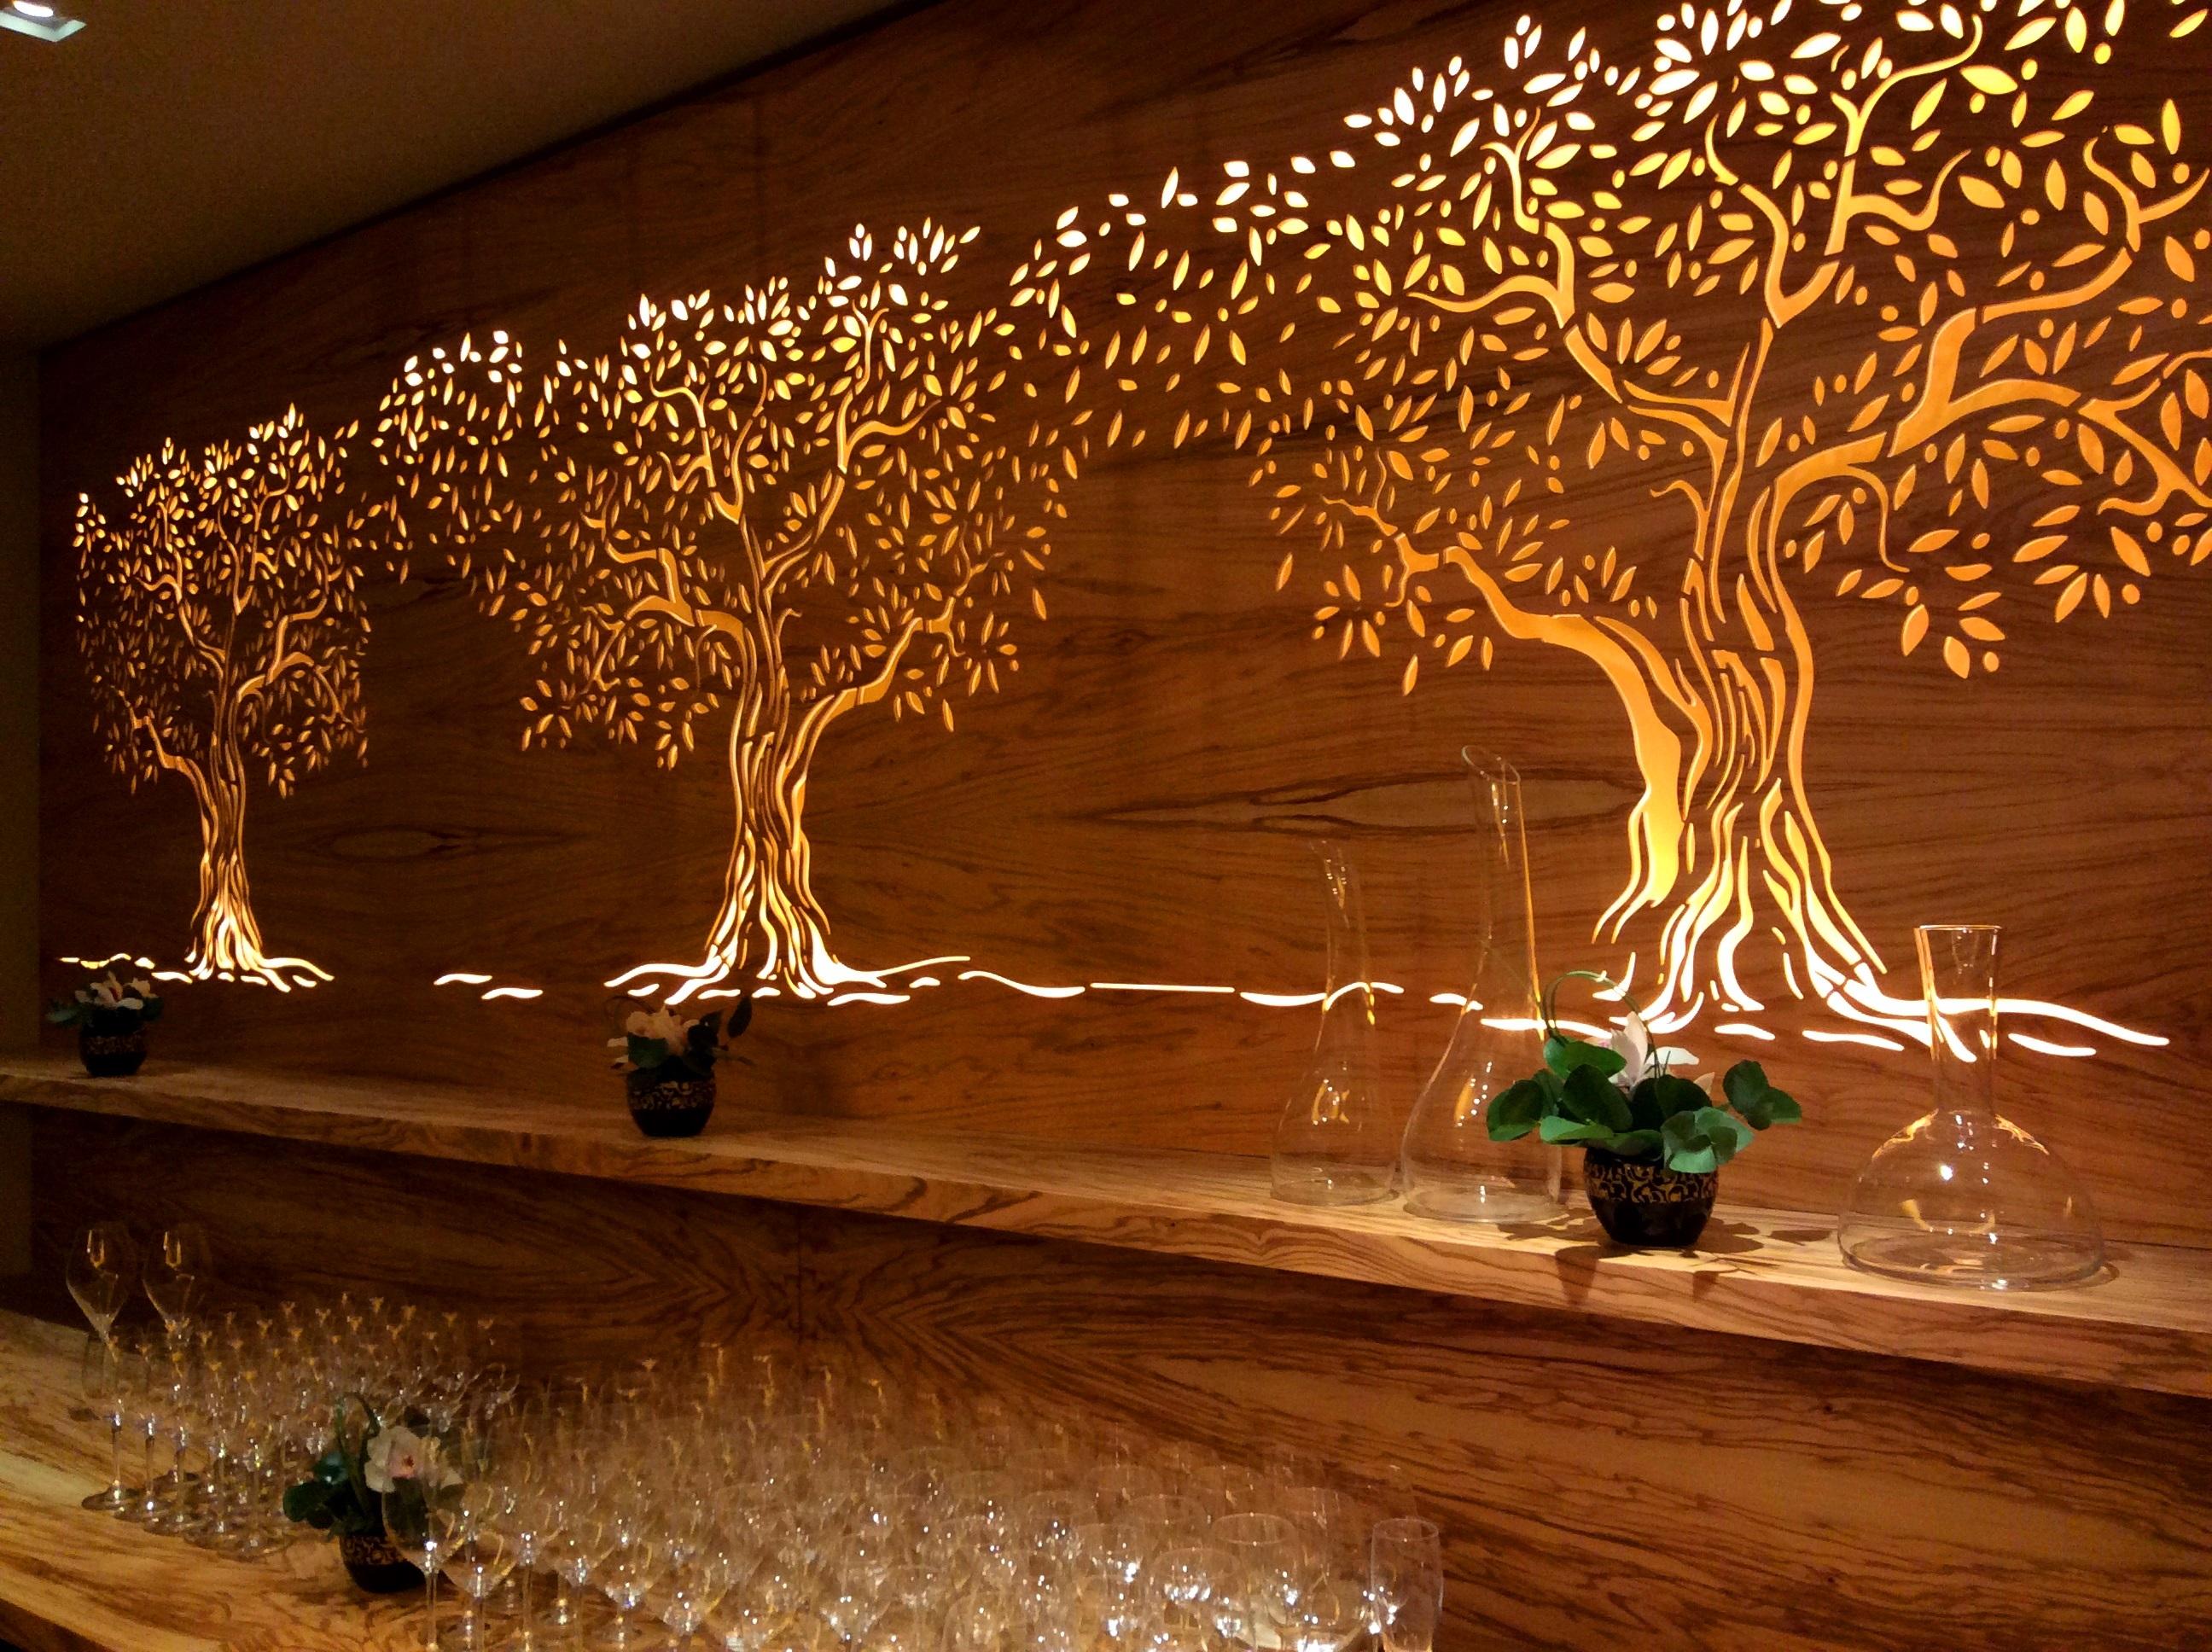 Progettare l\'illuminazione del ristorante - Cannata Factory